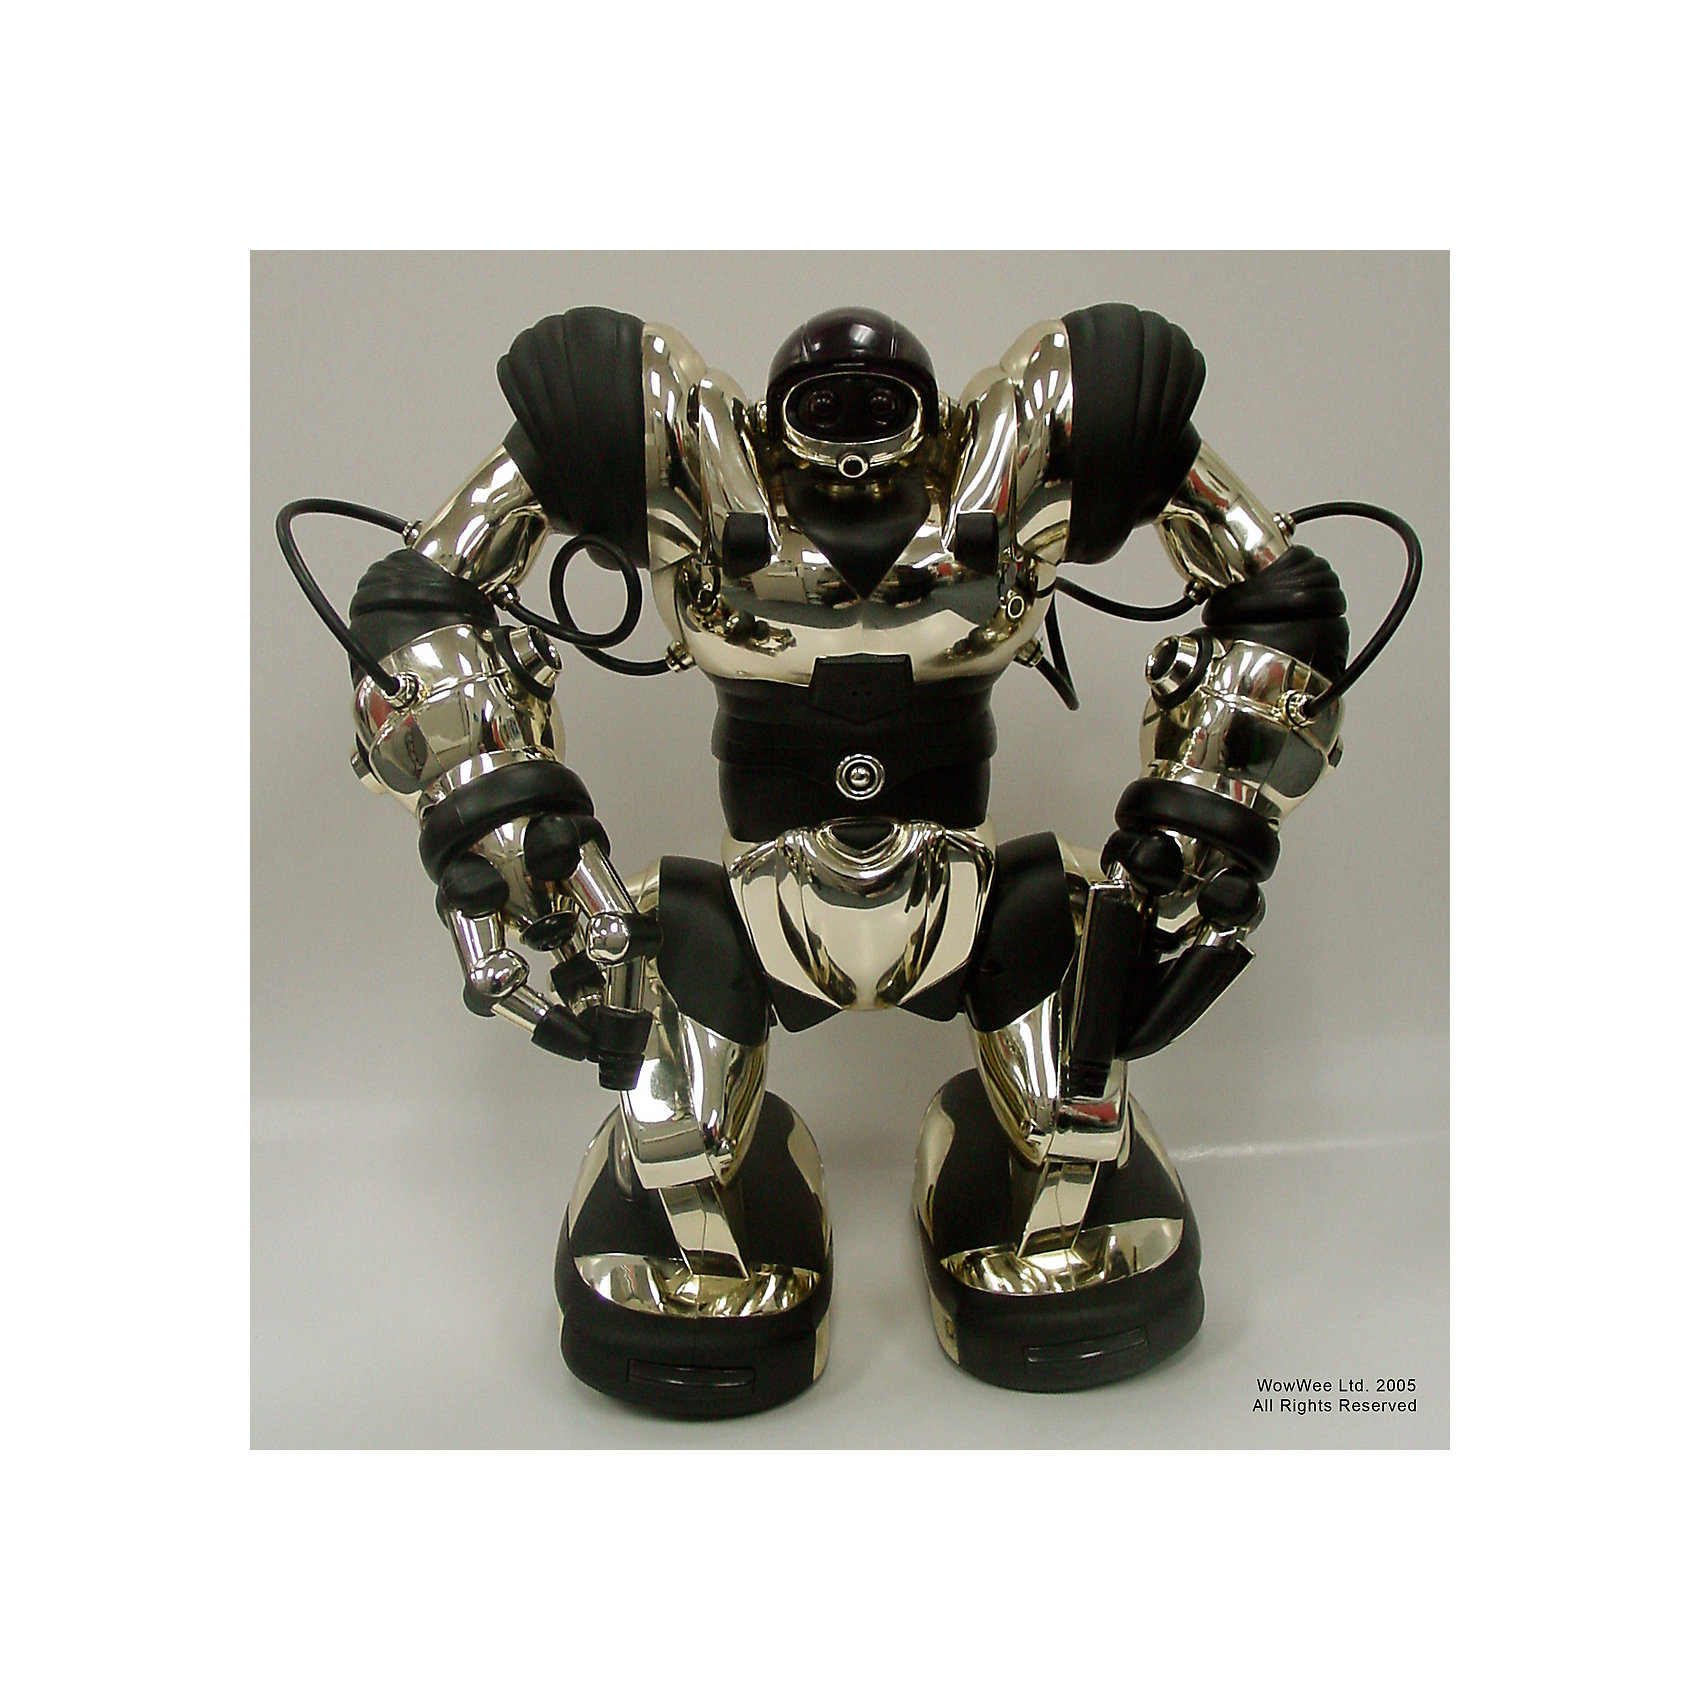 Робот 8083,  WowWeeМечта любого ребенка - настоящий робот, который может двигаться и выполнять команды. Робот 8083 от  WowWee - программируемый робот, имеющий несколько уровней сложности игры. Робот имеет два режима ходьбы, руки поворачиваются и могут захватывать предметы, издает различные звуки и разговаривает на языке пещерных людей. Управляется 7 мини-моторами с 6 подвижными осями, каждый из которых индивидуально программируется. Игрушка имеет 67  функций и до 84 различных шагов, может даже танцевать или демонстрировать удары кунг-фу. Все команды выполняются со специального пульта ДУ или при касании датчиков на руках или ногах (запускается ранее введенная команда).<br><br>Дополнительная информация:<br><br>- Материал: пластик, металл.<br>- Высота: 44 см.<br>- Два режима ходьбы и поворотов.<br>- Выполнение различных захватов.<br>- Несколько уровней сложности.<br>- 67 функций.<br>- 84 шага. <br>- Танцует, показывает приемы кунг-фу.<br>- Автоматическое отключение.<br>- Управление с пульта ДУ или же с помощью касания. <br>- Элемент питания: для робота - 4 батарейки D; для пульта ДУ 3 батарейки ААА ( не входят в комплект).<br>- Звуковые эффекты.<br>- Комплектация: робот, пульт управления, инструкция.<br><br>Робота 8083,  WowWee можно купить в нашем магазине.<br><br>Ширина мм: 400<br>Глубина мм: 260<br>Высота мм: 430<br>Вес г: 2600<br>Возраст от месяцев: 72<br>Возраст до месяцев: 144<br>Пол: Мужской<br>Возраст: Детский<br>SKU: 4018273